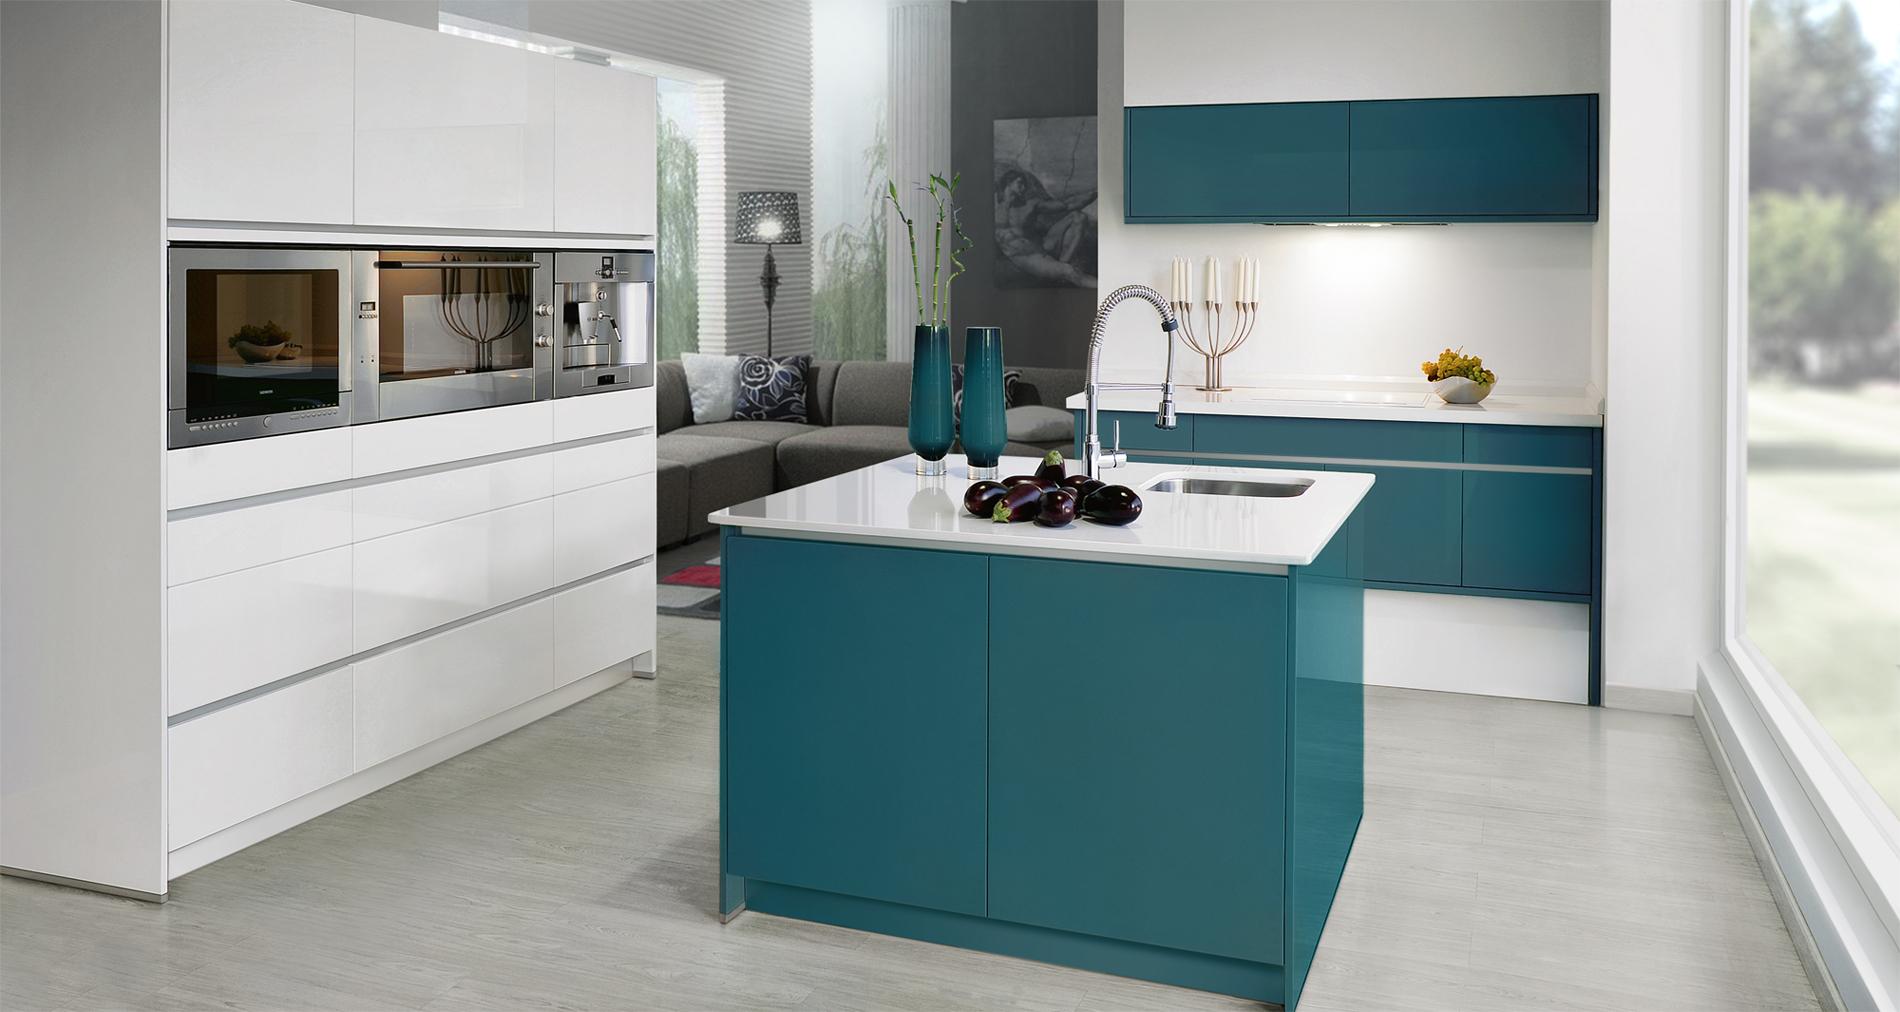 Rh cocinas creativas f brica de cocinas en le n - Fabricantes de cocinas ...